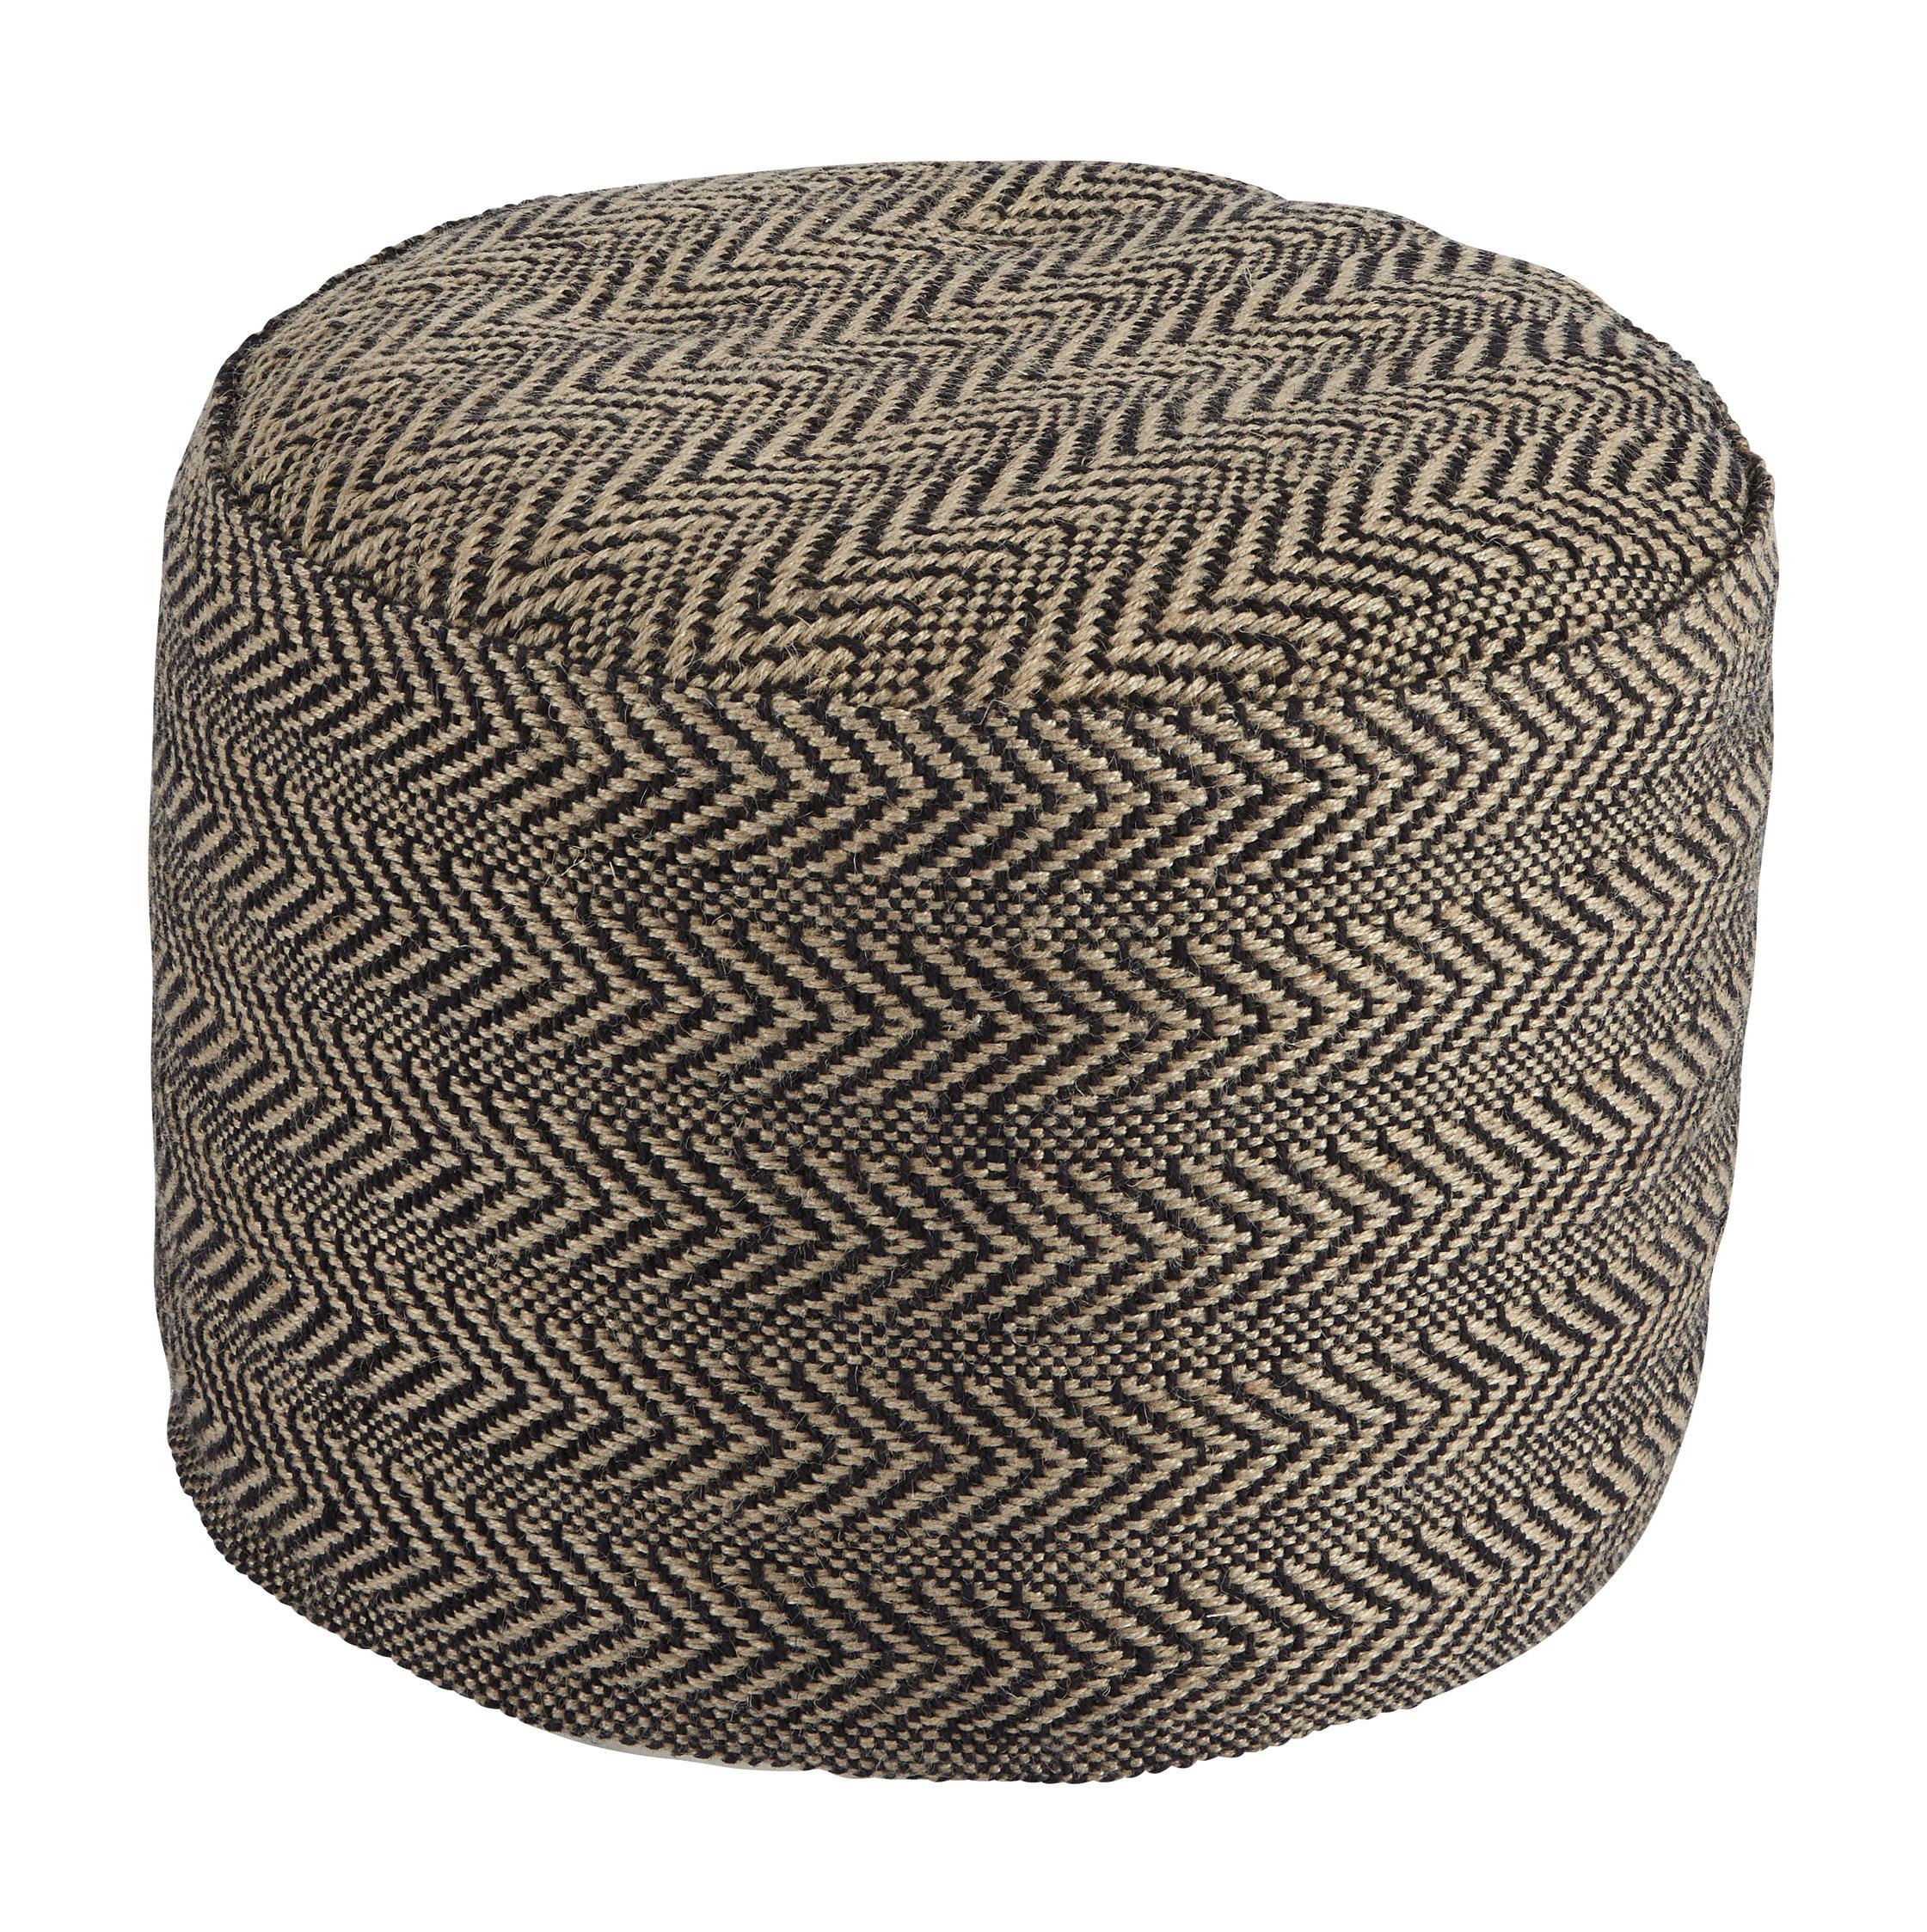 signature design by ashley poufs chevron natural pouf. Black Bedroom Furniture Sets. Home Design Ideas